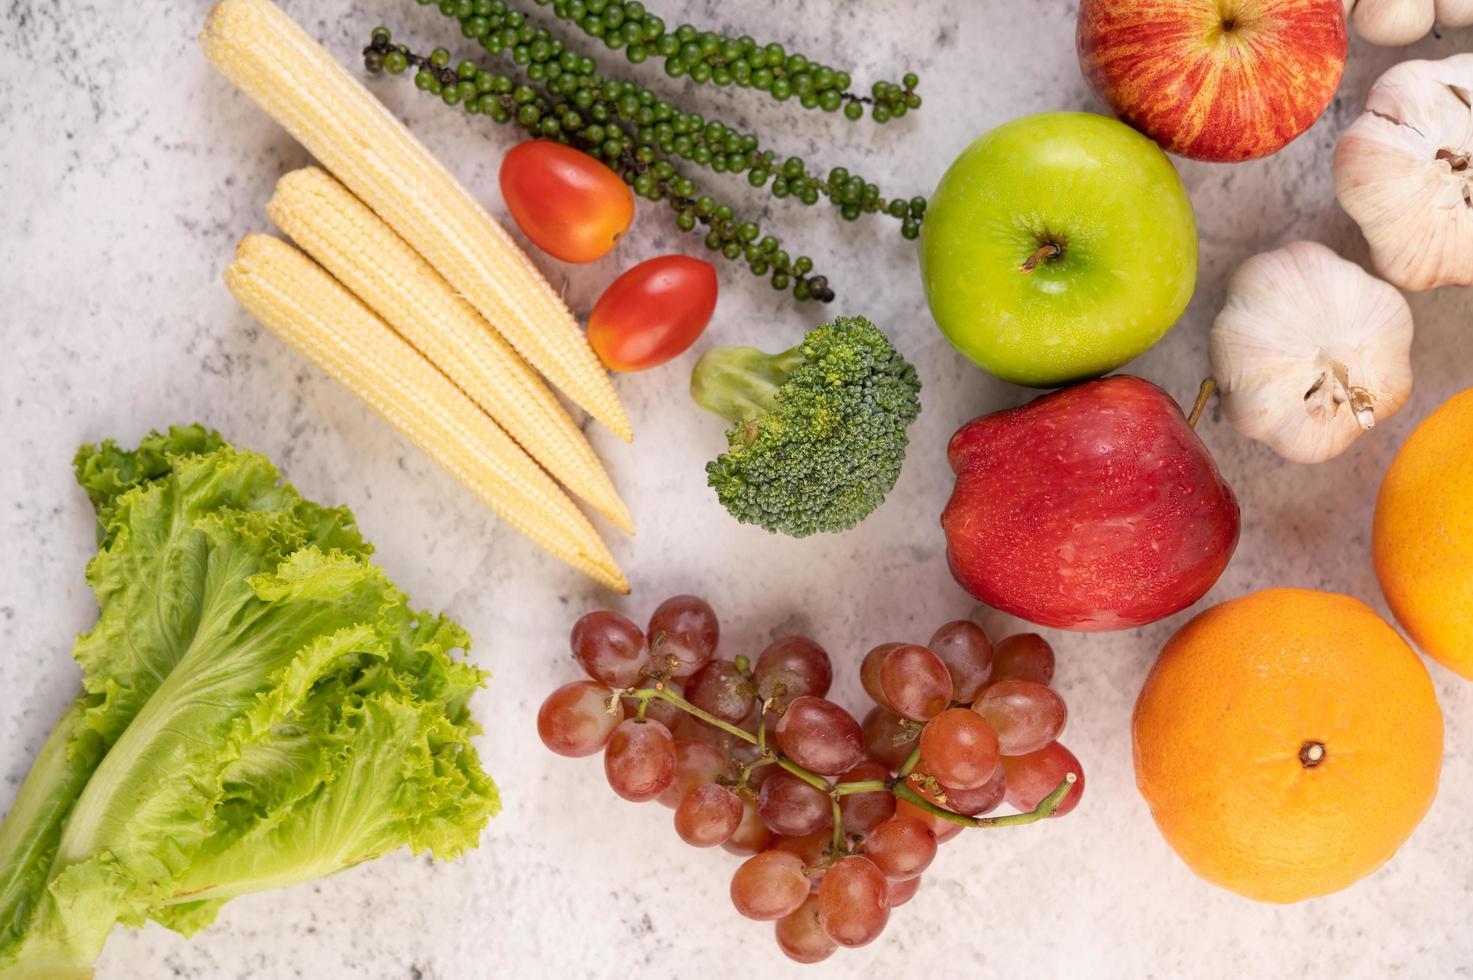 vue de dessus des pommes, des oranges, du brocoli, du maïs, des raisins et des tomates photo